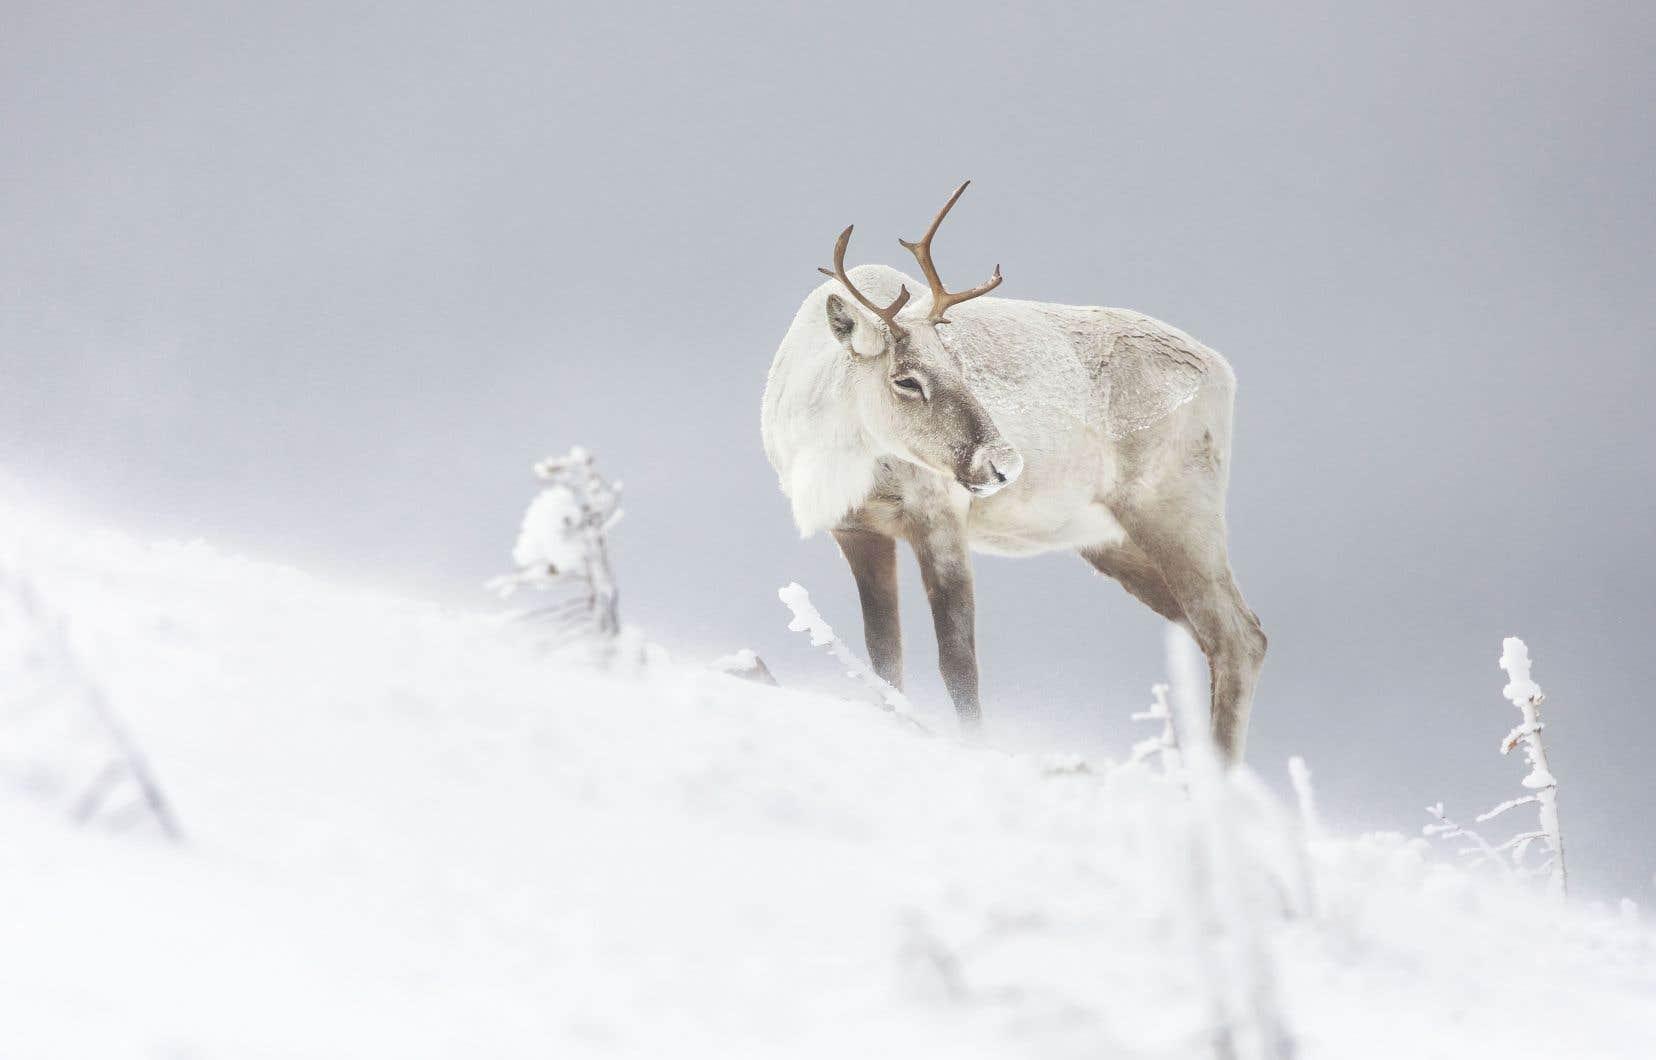 Les plus récents inventaires des caribous forestiers du Québec démontrent un déclin de  l'espèce,  notamment en Gaspésie, où on ne compte  plus qu'une  cinquantaine  de bêtes.